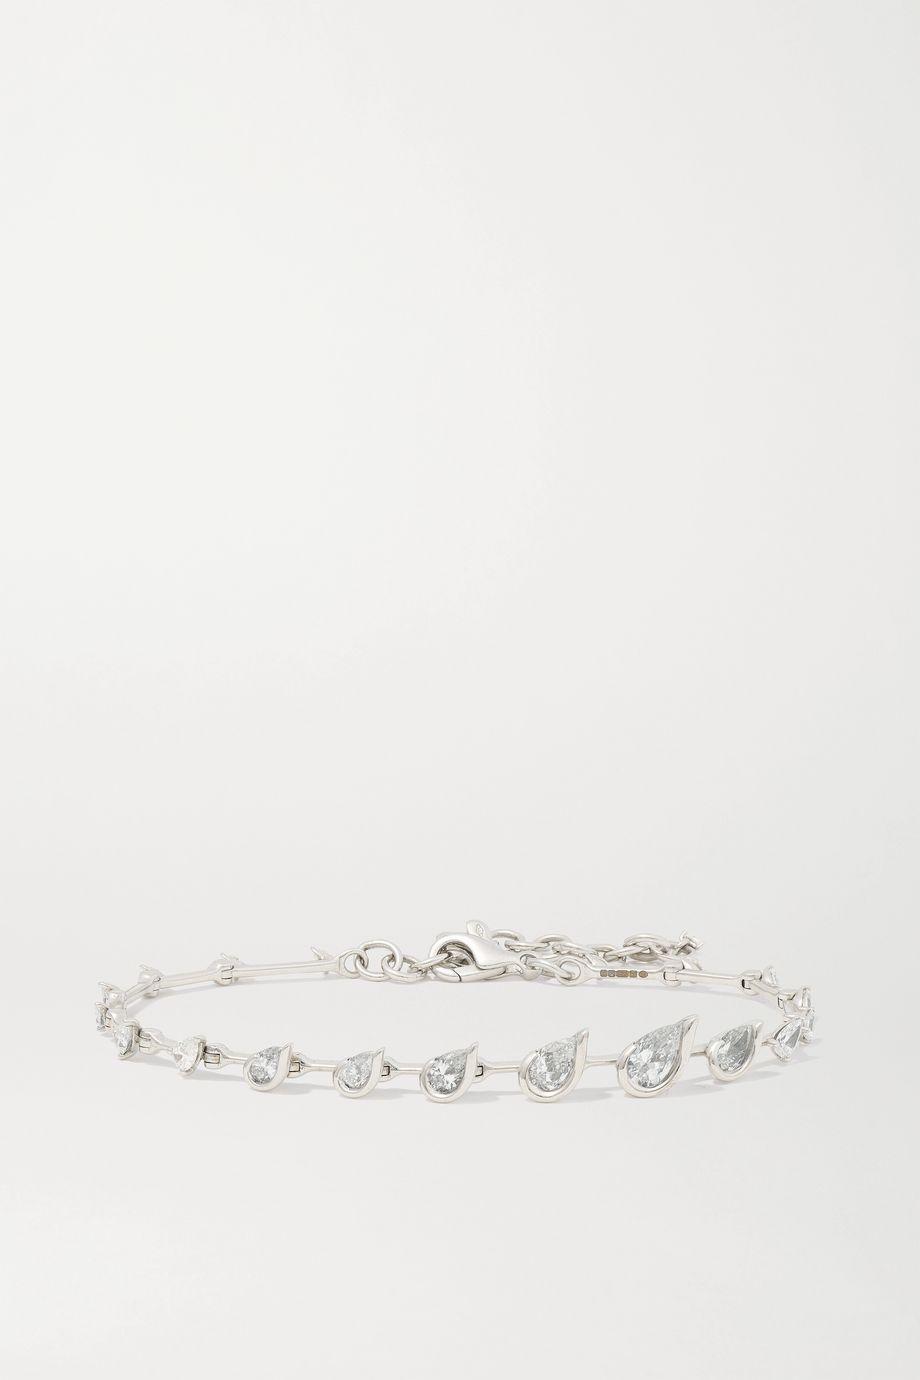 Fernando Jorge Flicker Armband aus 18 Karat Weißgold mit Diamanten